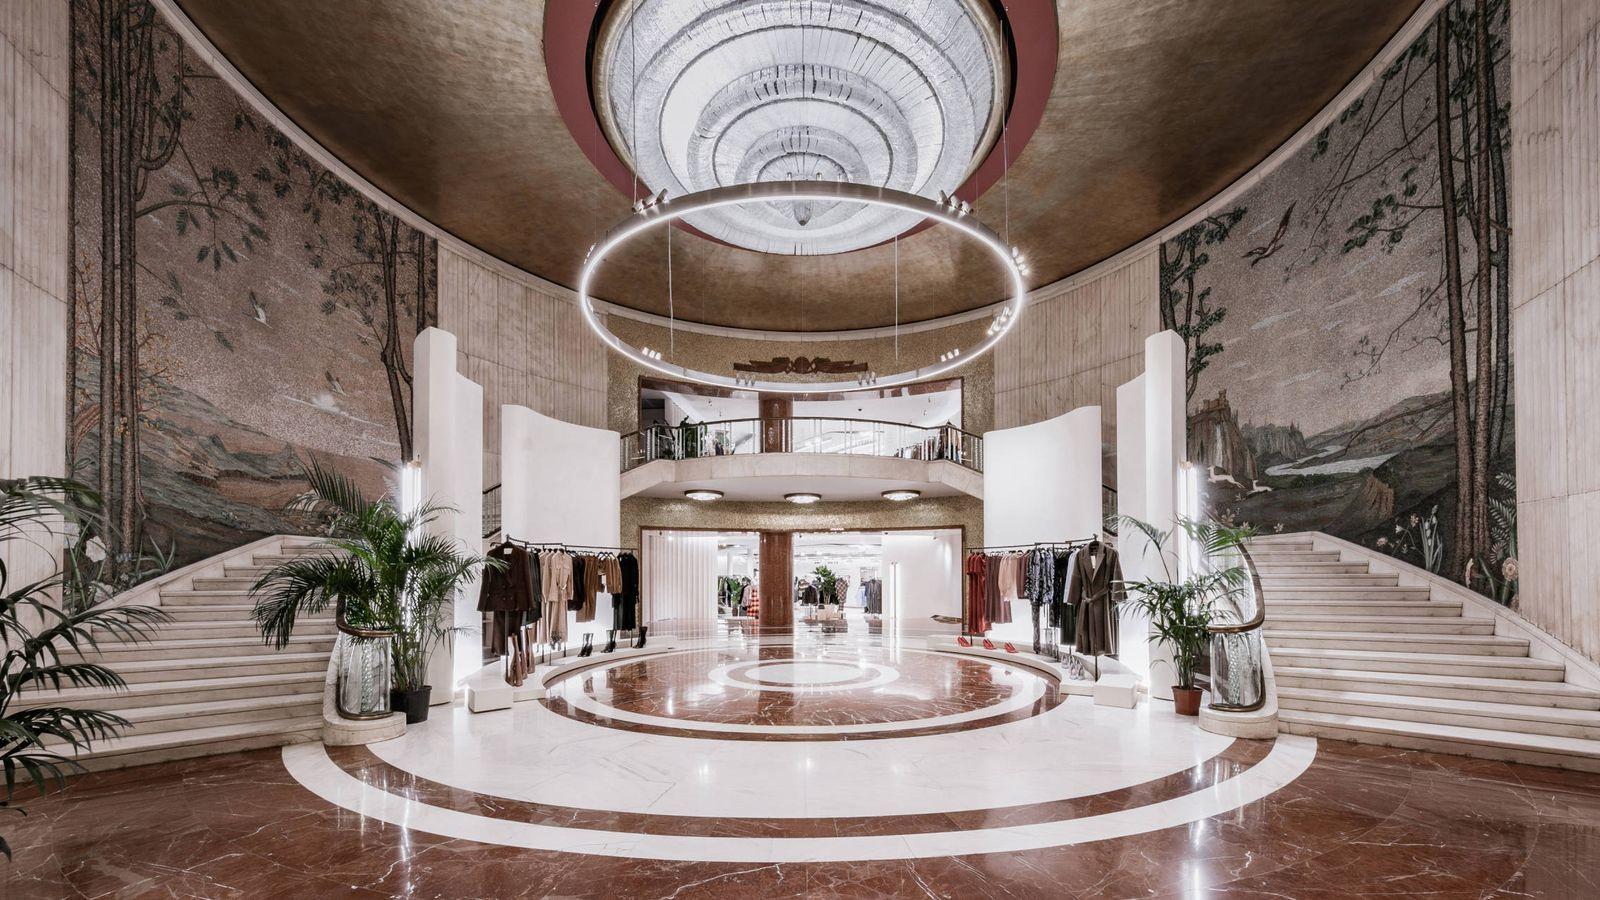 Foto: Imagen del atrio del extinto cine Astra, hoy renovada e hipertecnológica tienda de Zara en Milán. (Imagen: Cortesía de la marca)